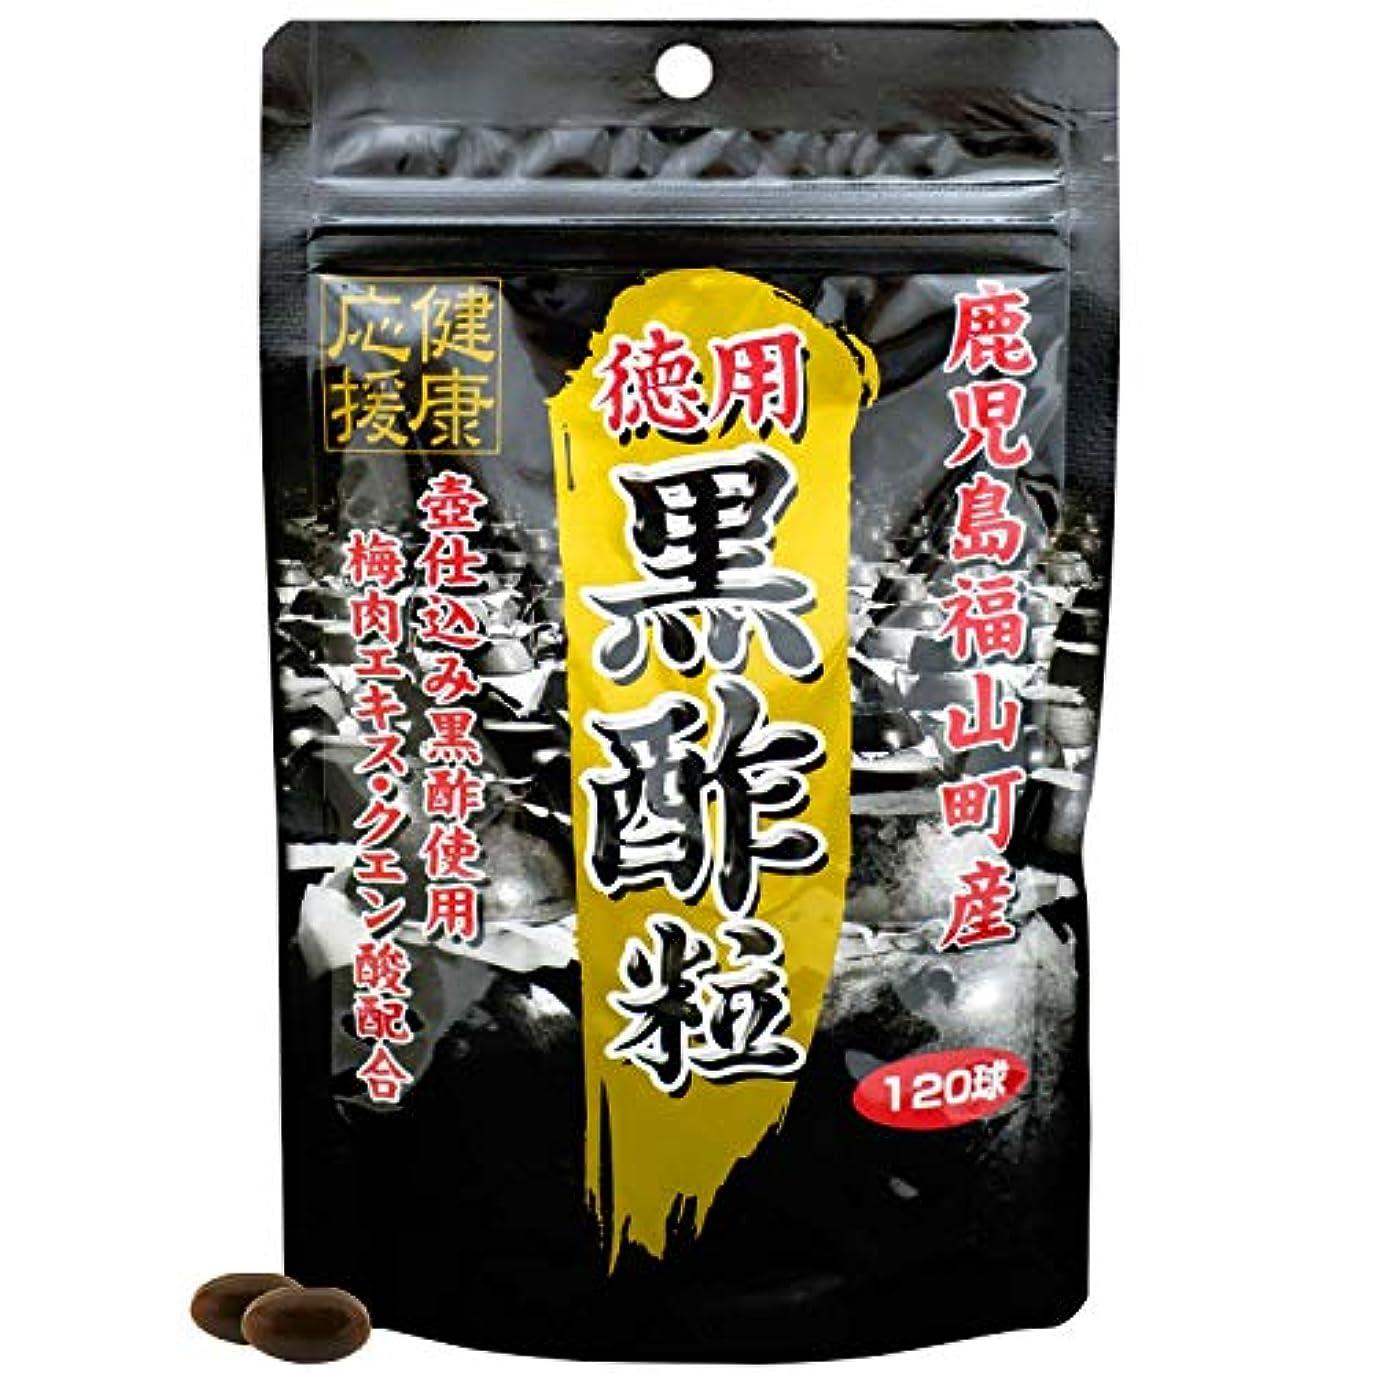 操縦する不合格消毒剤ユウキ製薬 徳用黒酢粒 60日分 120球